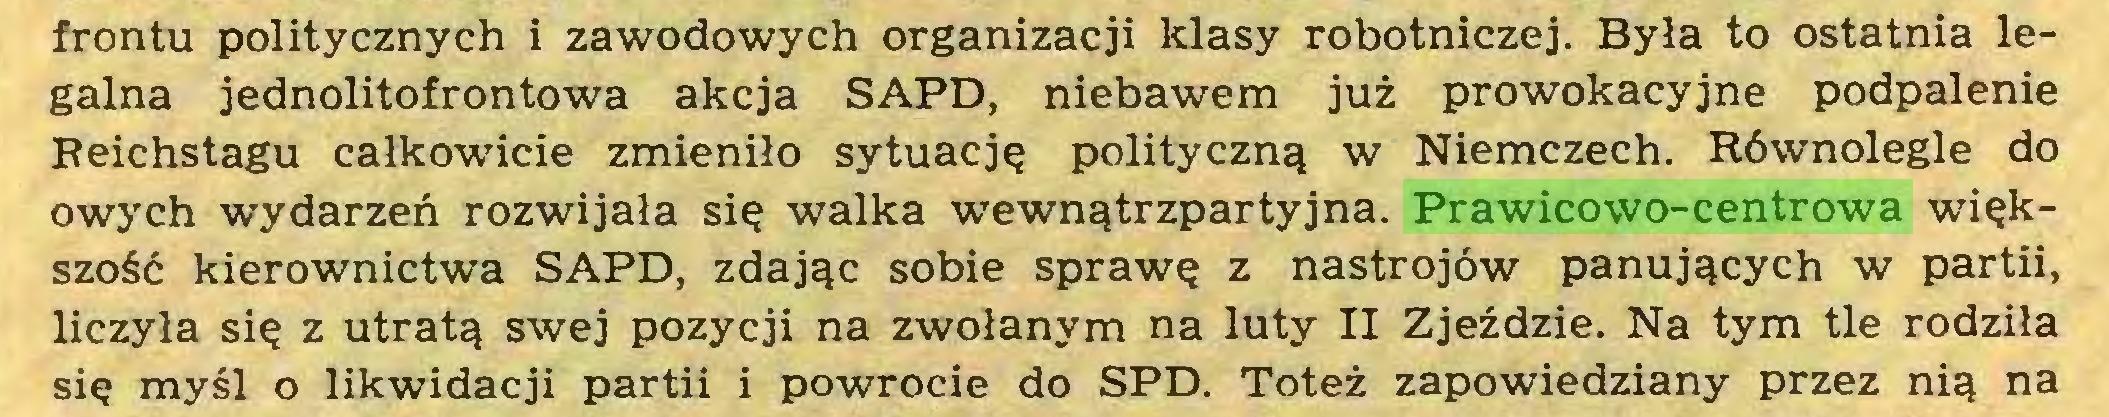 (...) frontu politycznych i zawodowych organizacji klasy robotniczej. Była to ostatnia legalna jednolitofrontowa akcja SAPD, niebawem już prowokacyjne podpalenie Reichstagu całkowicie zmieniło sytuację polityczną w Niemczech. Równolegle do owych wydarzeń rozwijała się walka wewnątrzpartyjna. Prawicowo-centrowa większość kierownictwa SAPD, zdając sobie sprawę z nastrojów panujących w partii, liczyła się z utratą swej pozycji na zwołanym na luty II Zjeździe. Na tym tle rodziła się myśl o likwidacji partii i powrocie do SPD. Toteż zapowiedziany przez nią na...